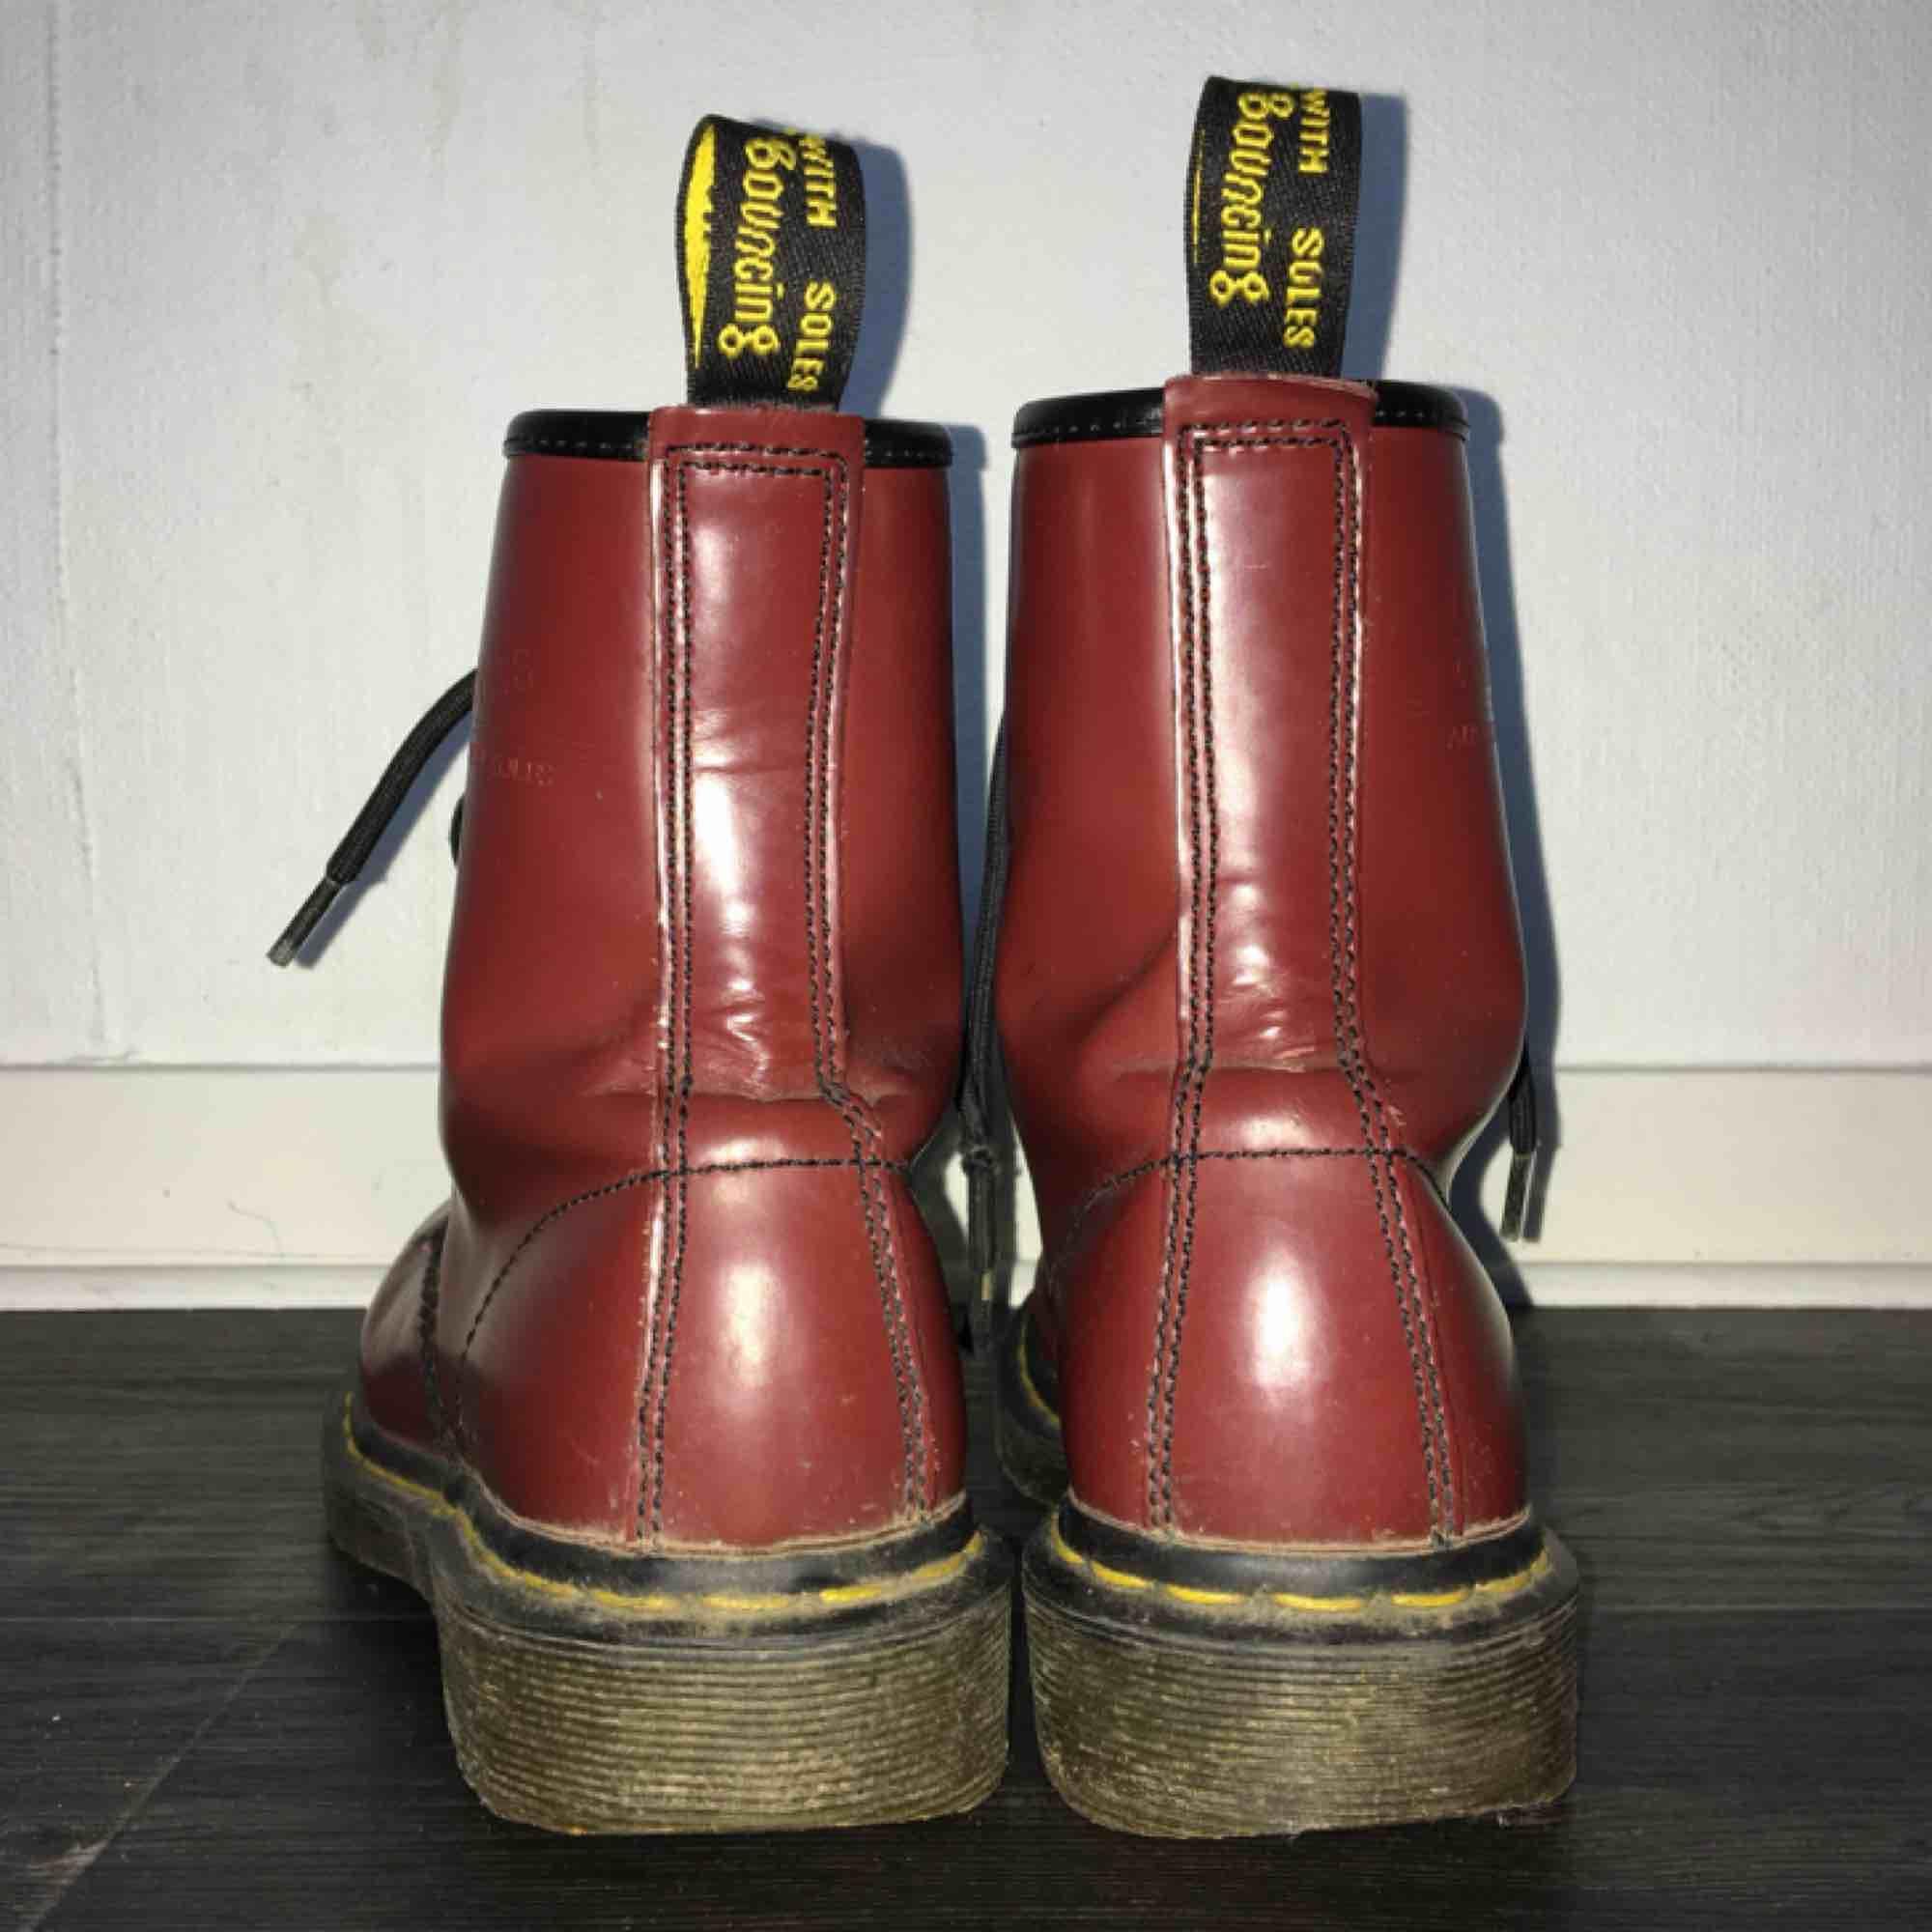 dr martens-kängor i strl 37, använda en del men ändå väldigt gott skick, bra kvalité. kan tänka mig att gå ner i pris. spårbar frakt tillkommer på 95 kr. obs!! på bilderna ser dom röda ut men irl är dom mycket mer vinröda🍷. Skor.